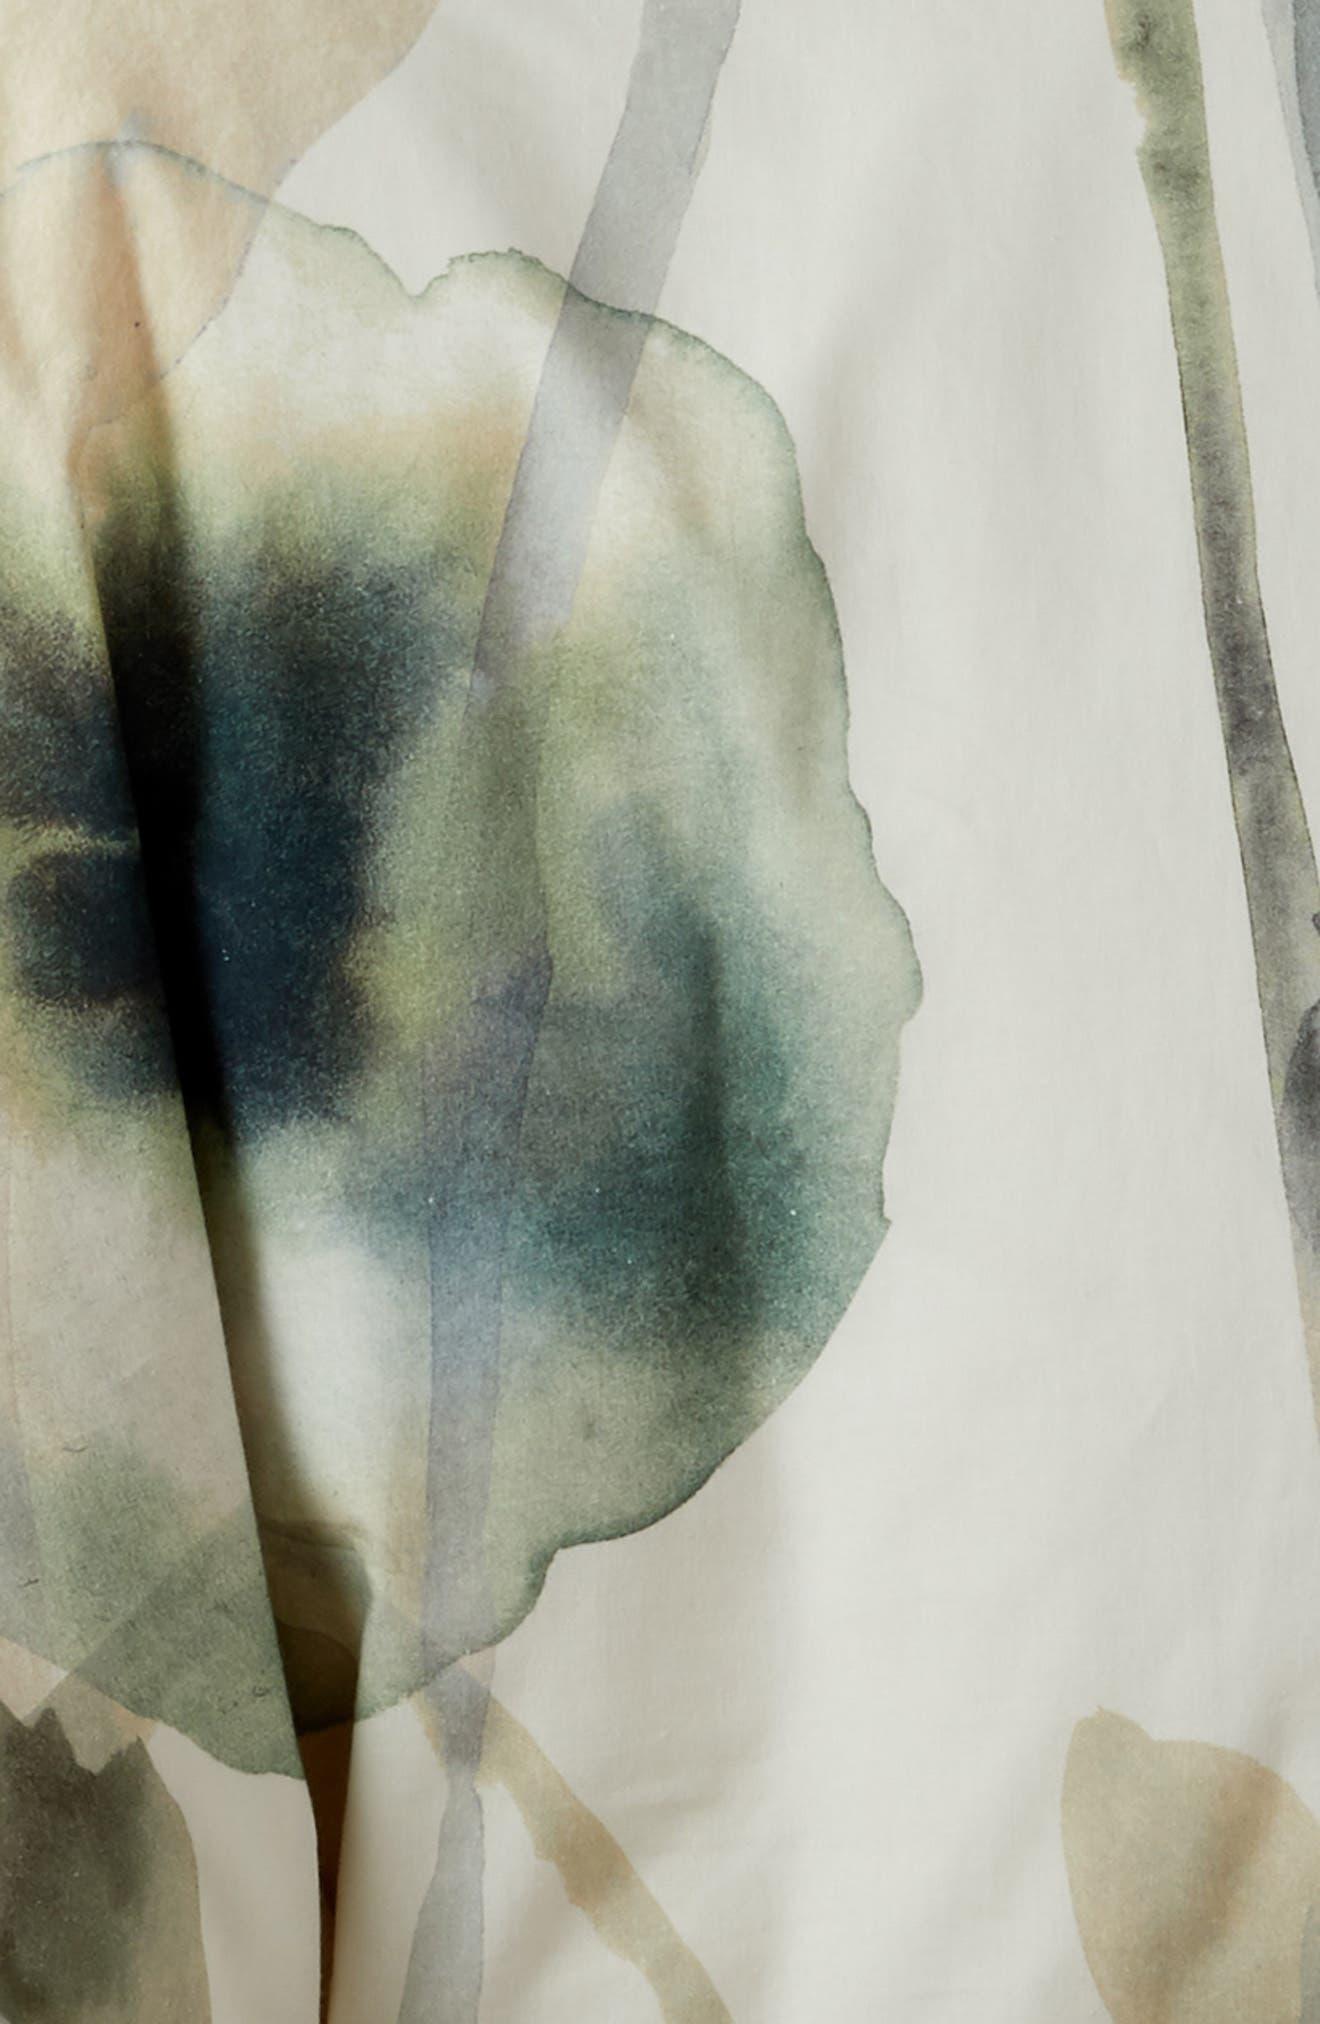 Floral Print Duvet Cover,                             Alternate thumbnail 3, color,                             White Whisper